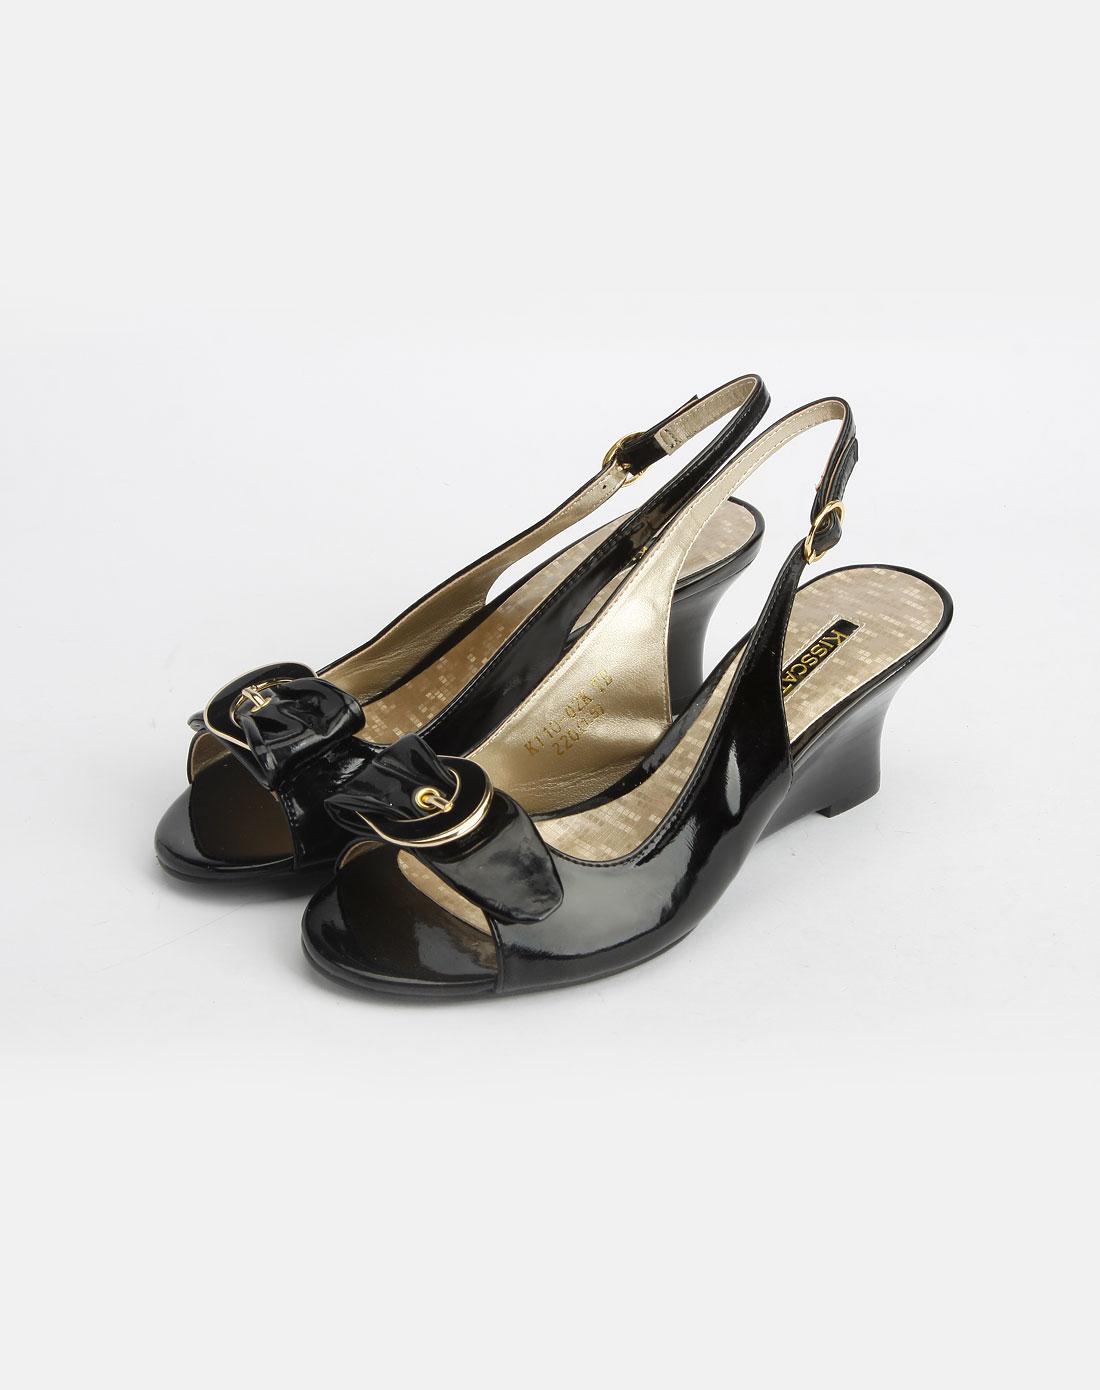 黑色时尚坡跟凉鞋_kisscat官网特价1.5-3.9折